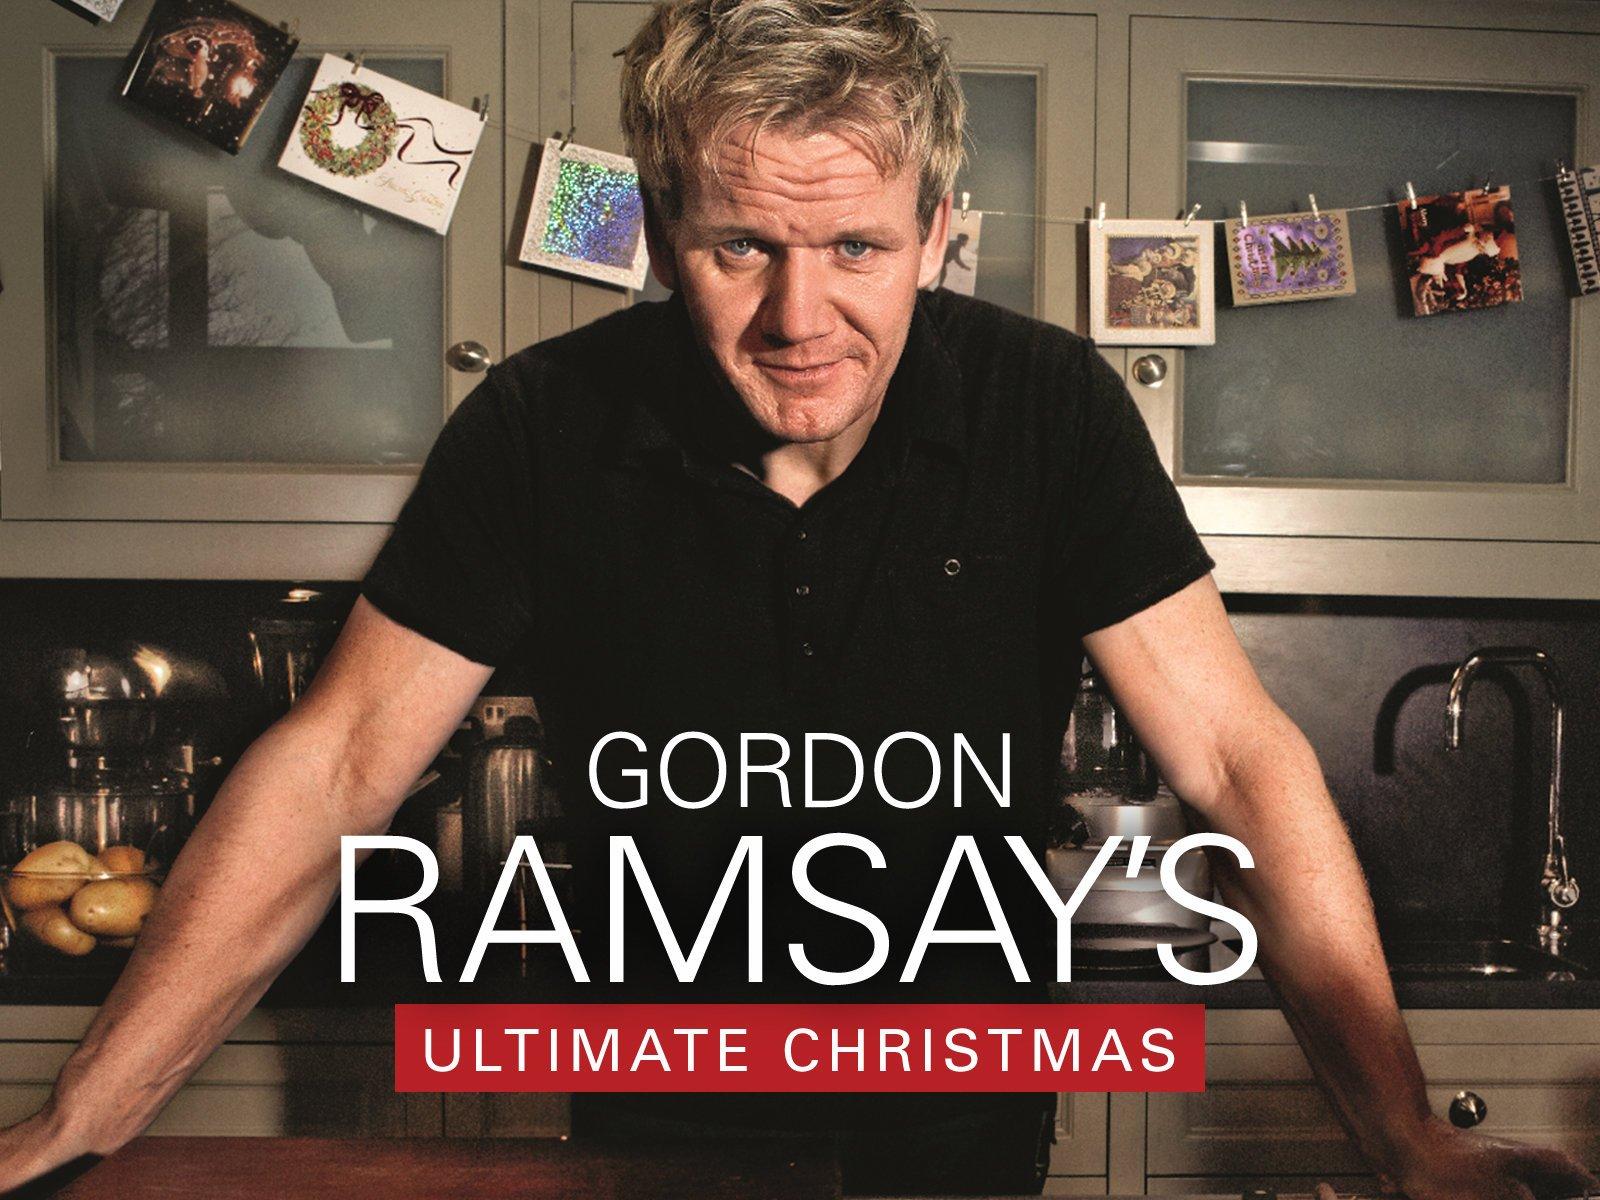 Gordon Ramsay Christmas Turkey.Amazon Com Watch Gordon Ramsay S Ultimate Christmas Prime